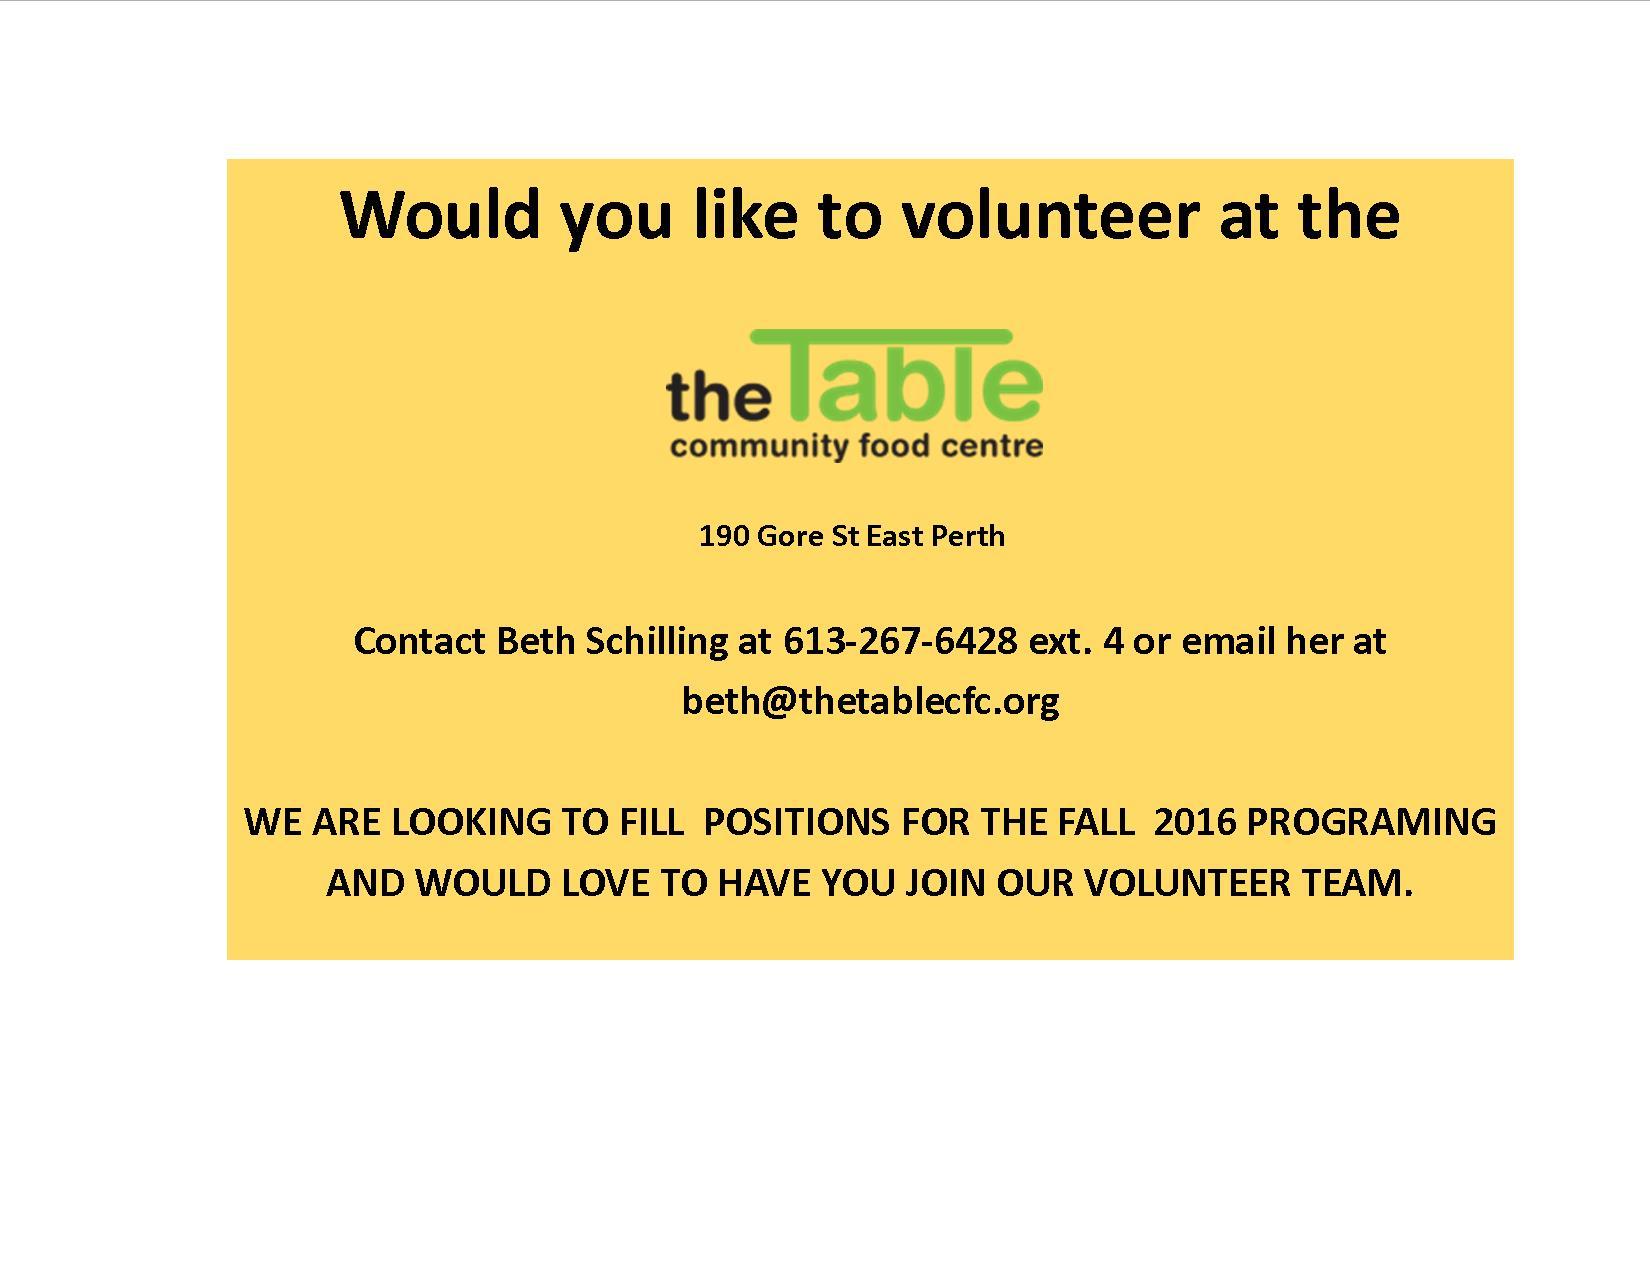 Volunteers needed for community food programs